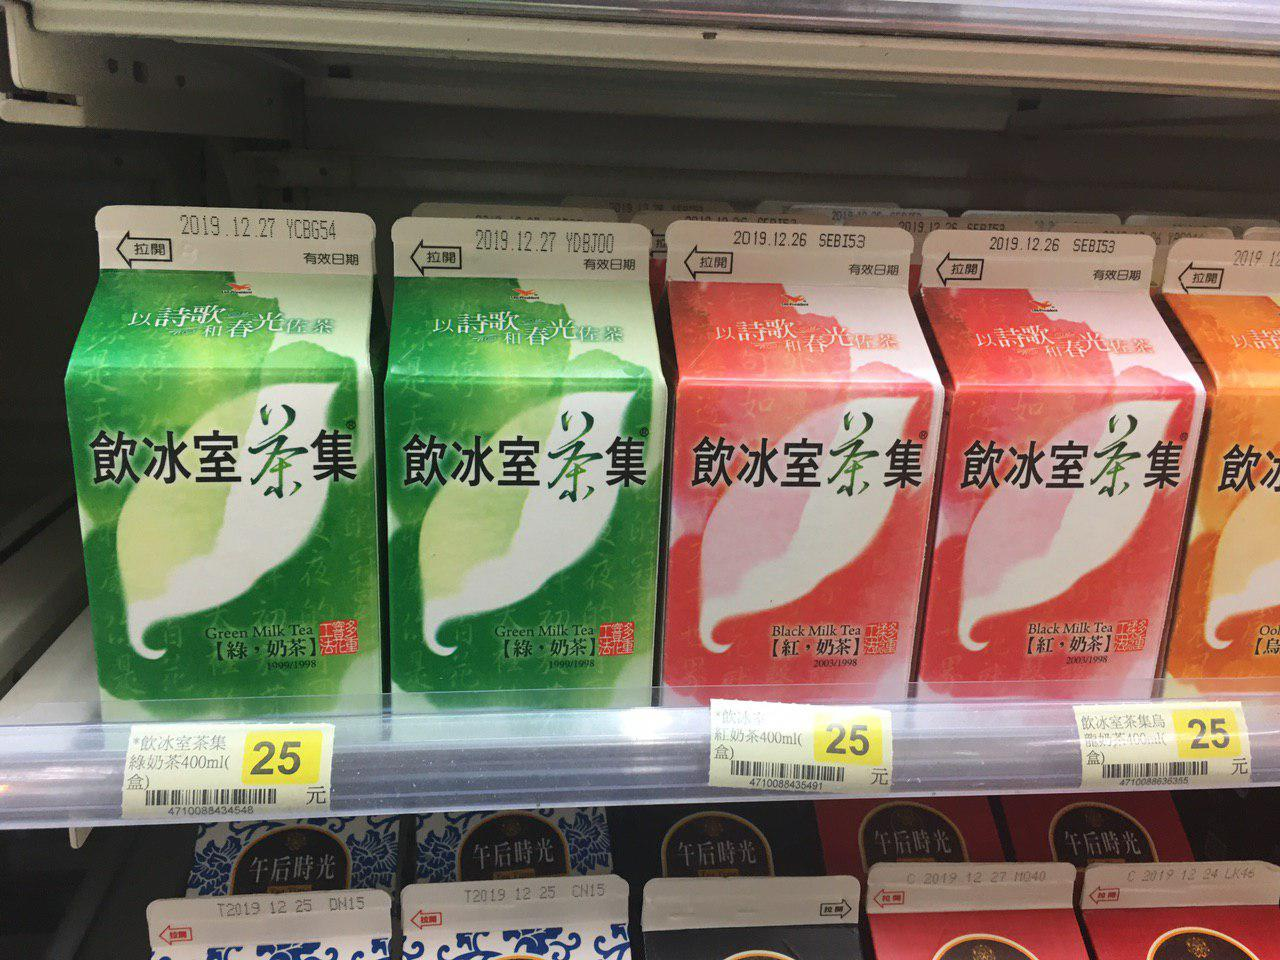 2020 Tea 你開運! 你喫茶BigGo請客活動 飲冰室奶綠